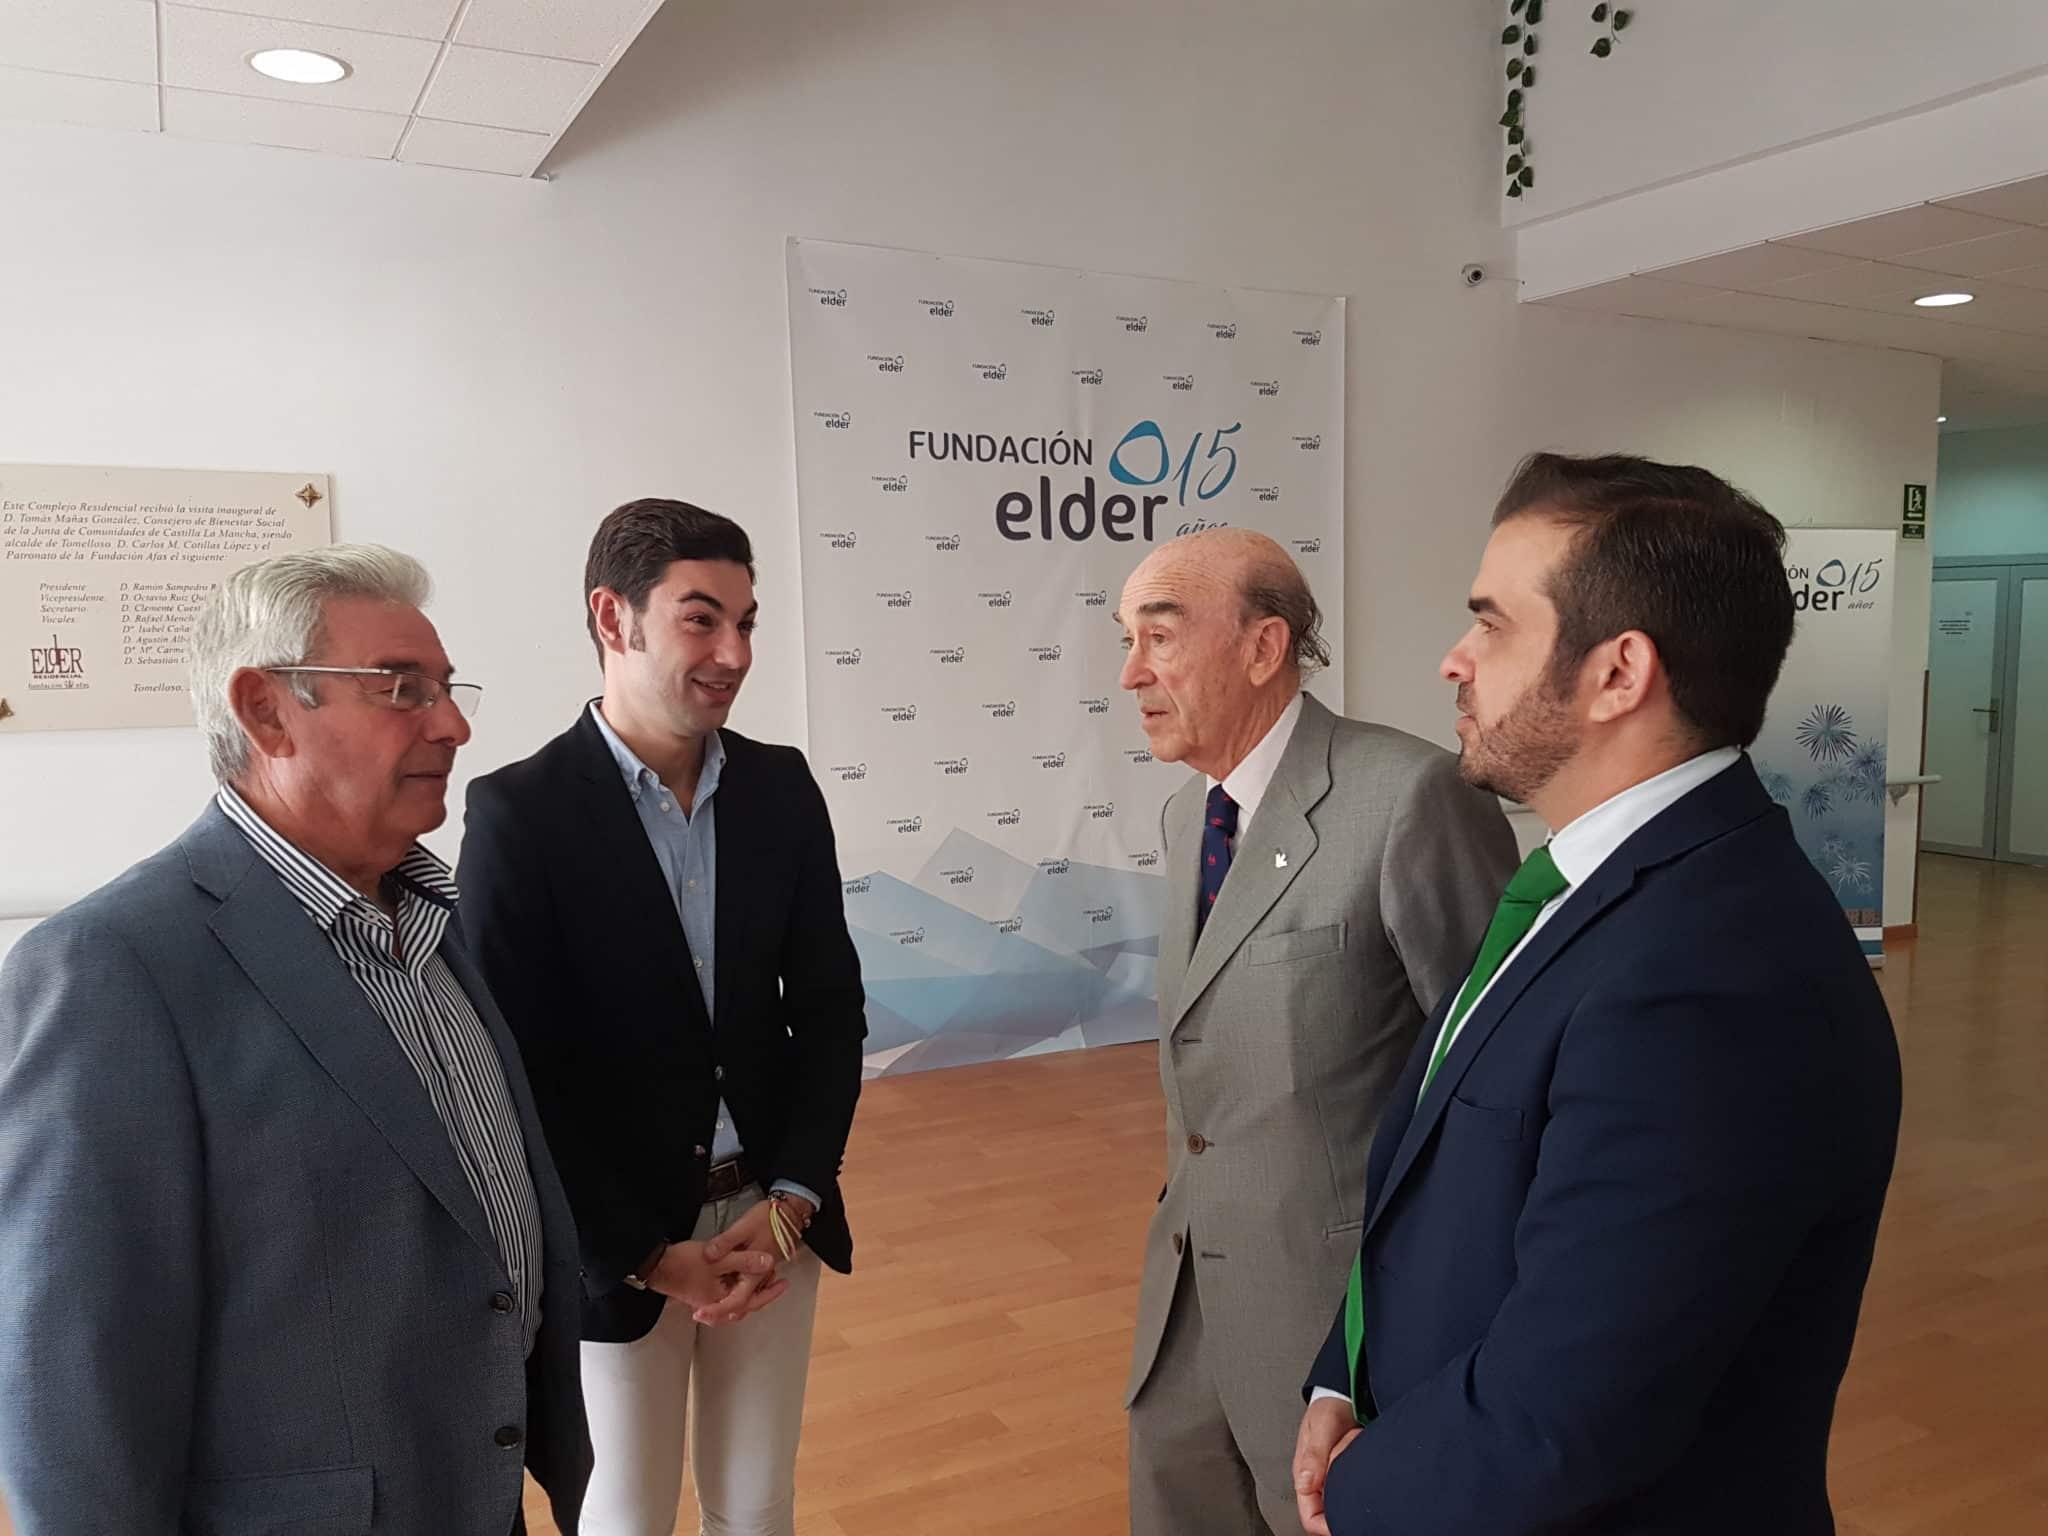 https://blog.globalcaja.es/wp-content/uploads/2018/10/20181004_1009580.jpg